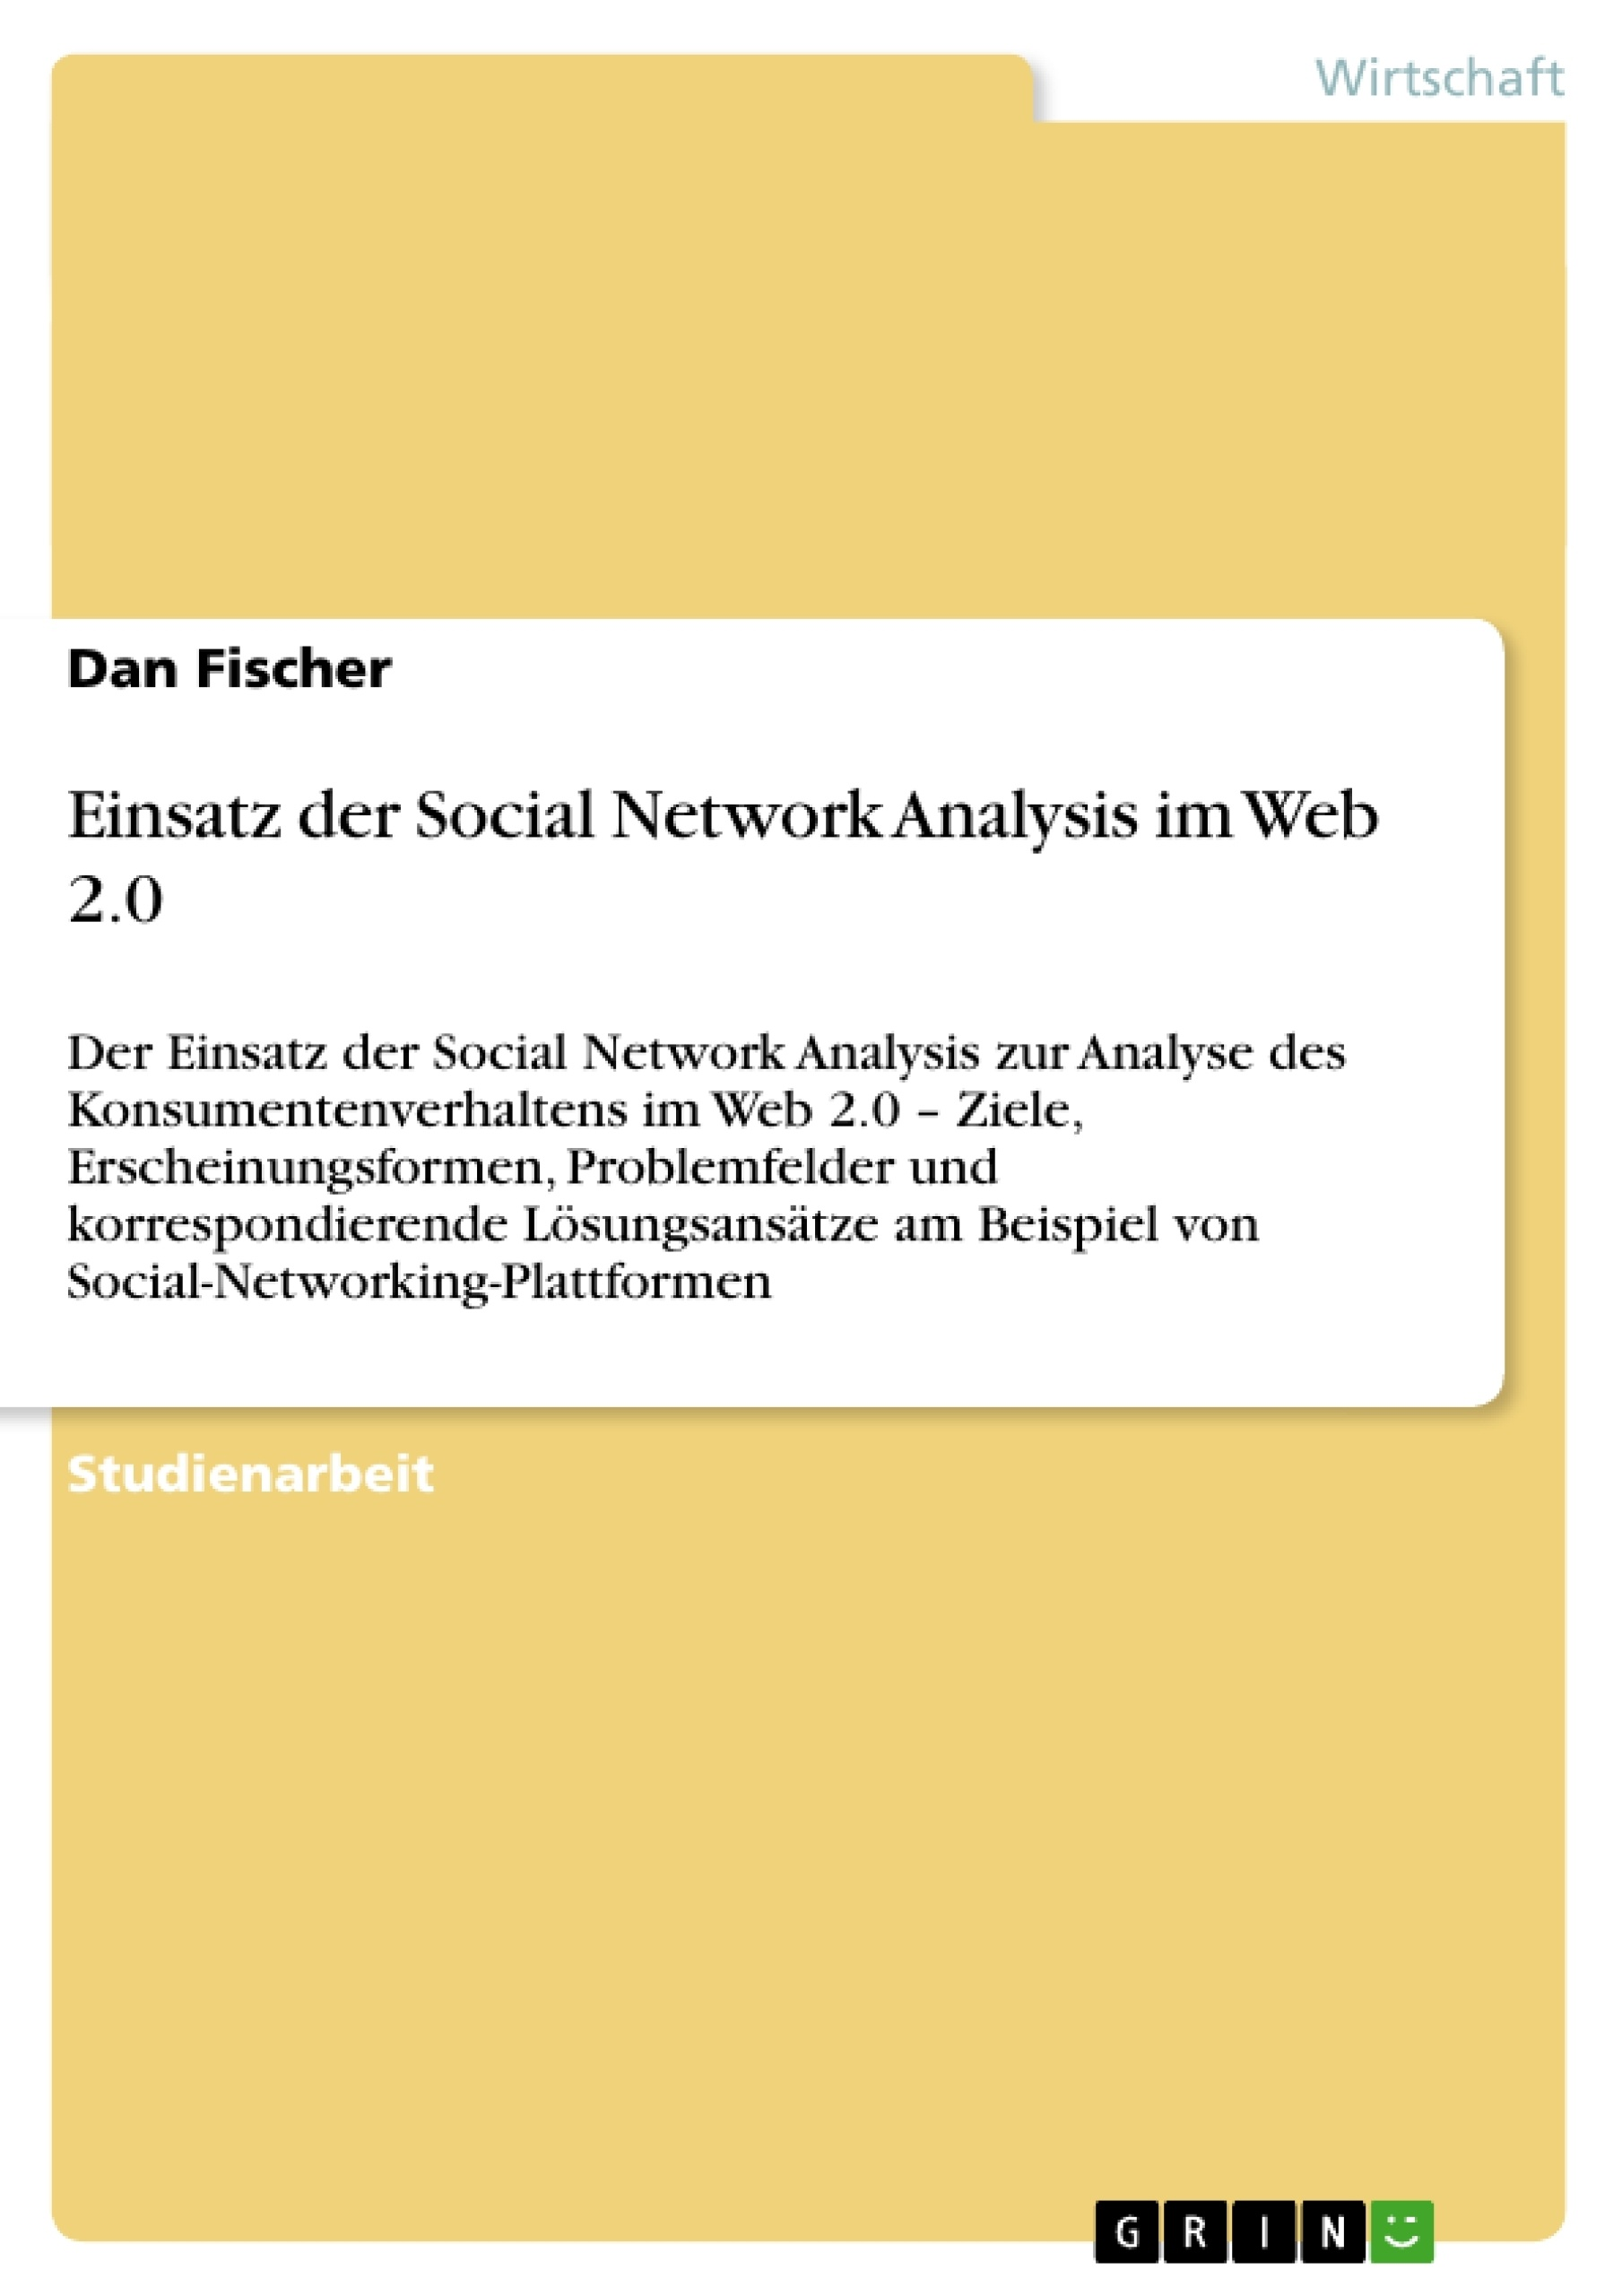 Titel: Einsatz der Social Network Analysis im Web 2.0